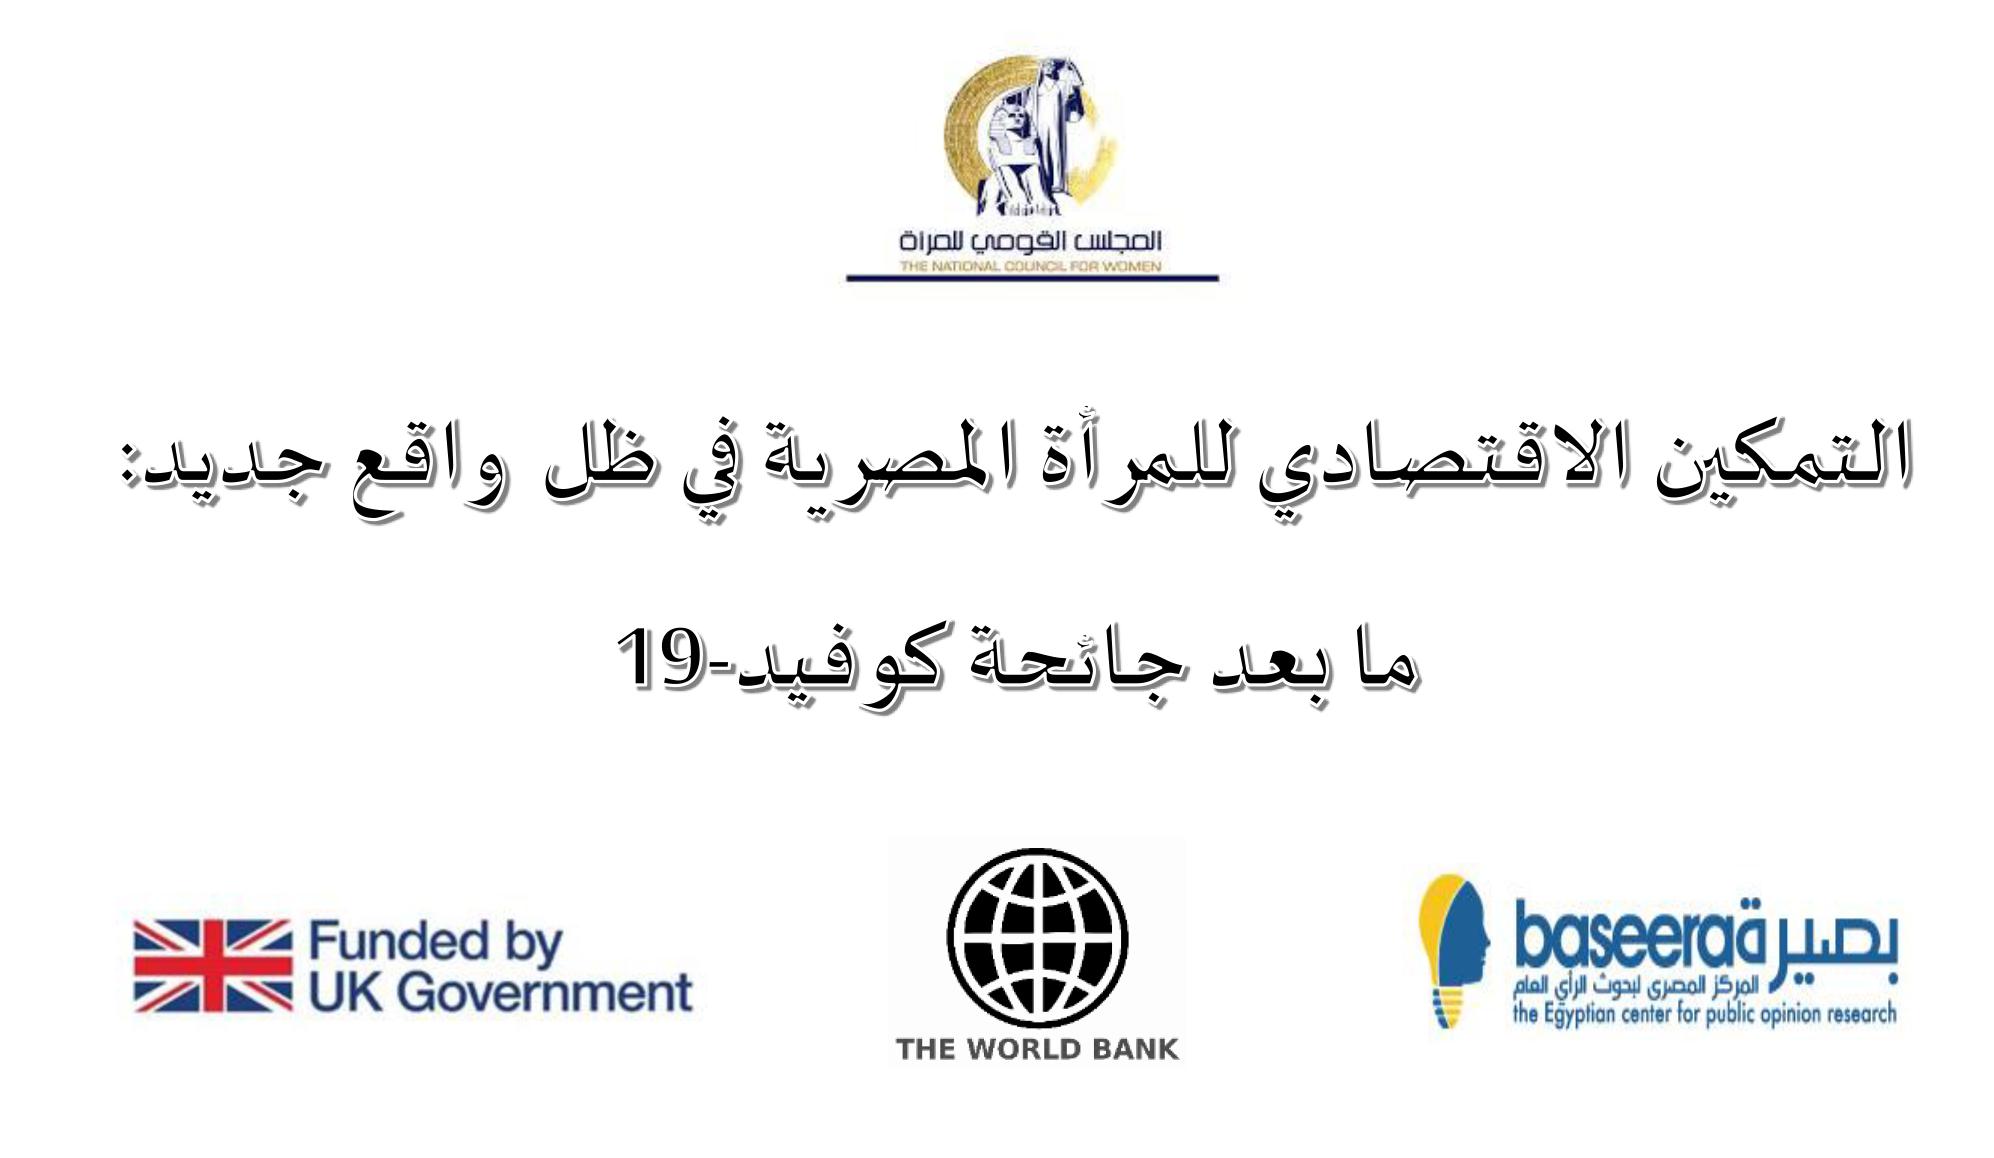 التمكين الإقتصادى للمرأة المصرية فى ظل واقع جديد: ما بد جائحة كوفيد-19